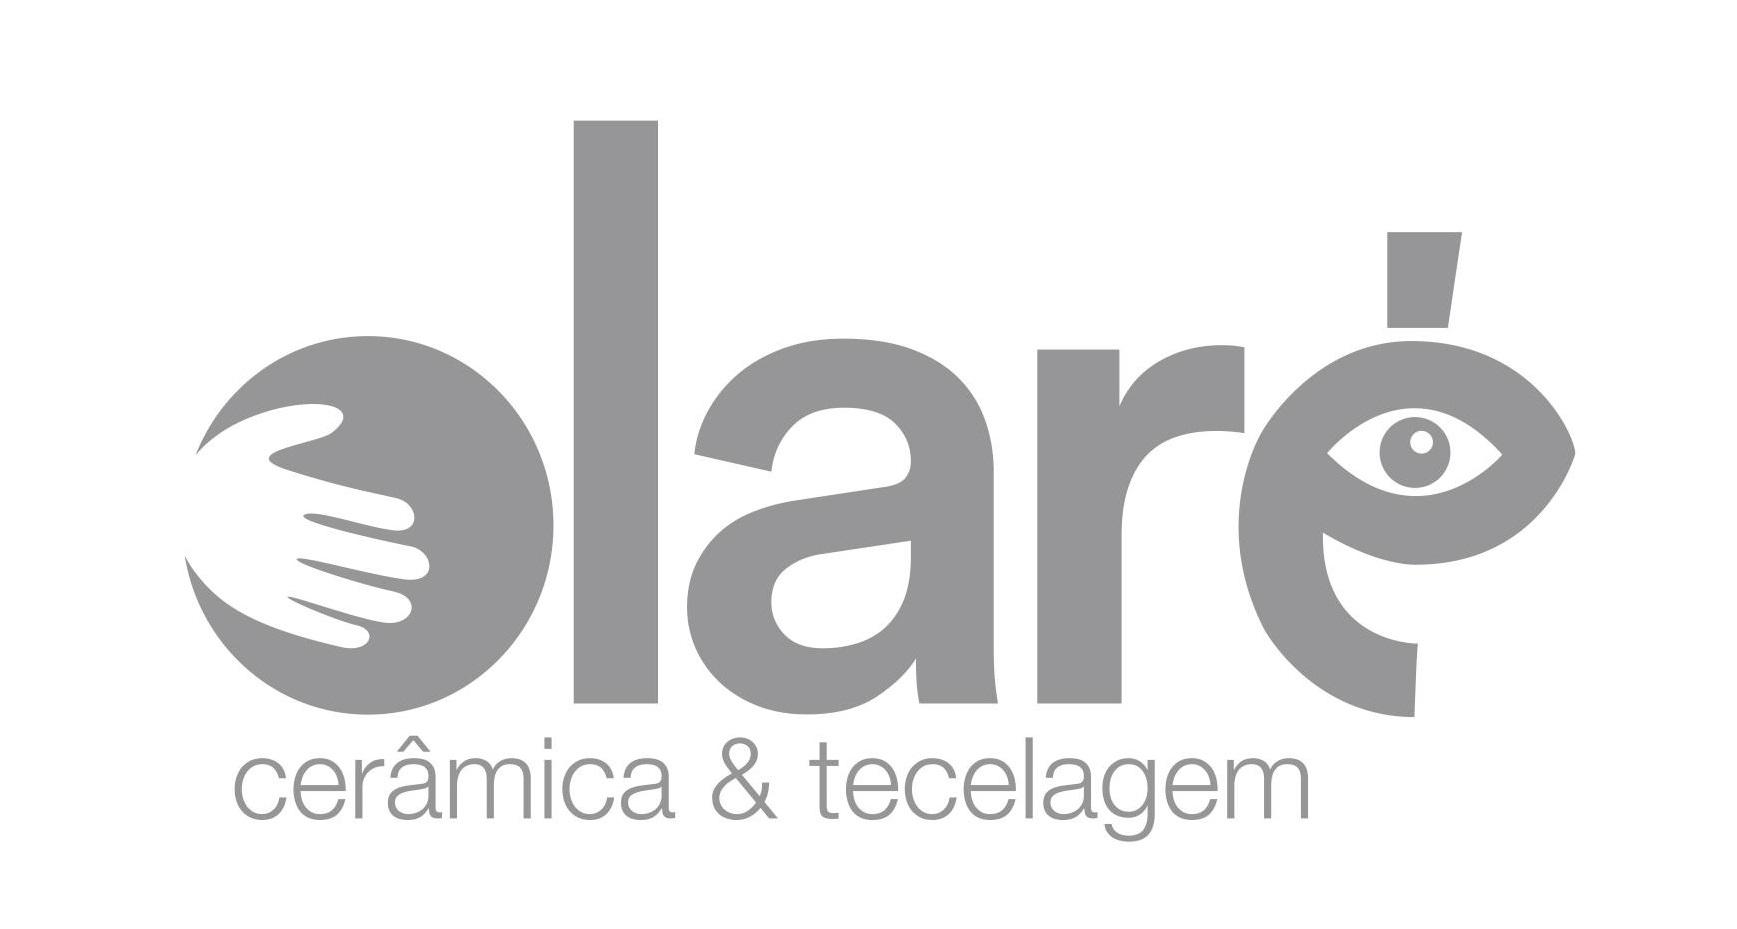 Olaré - Cerâmica e Tecelagem